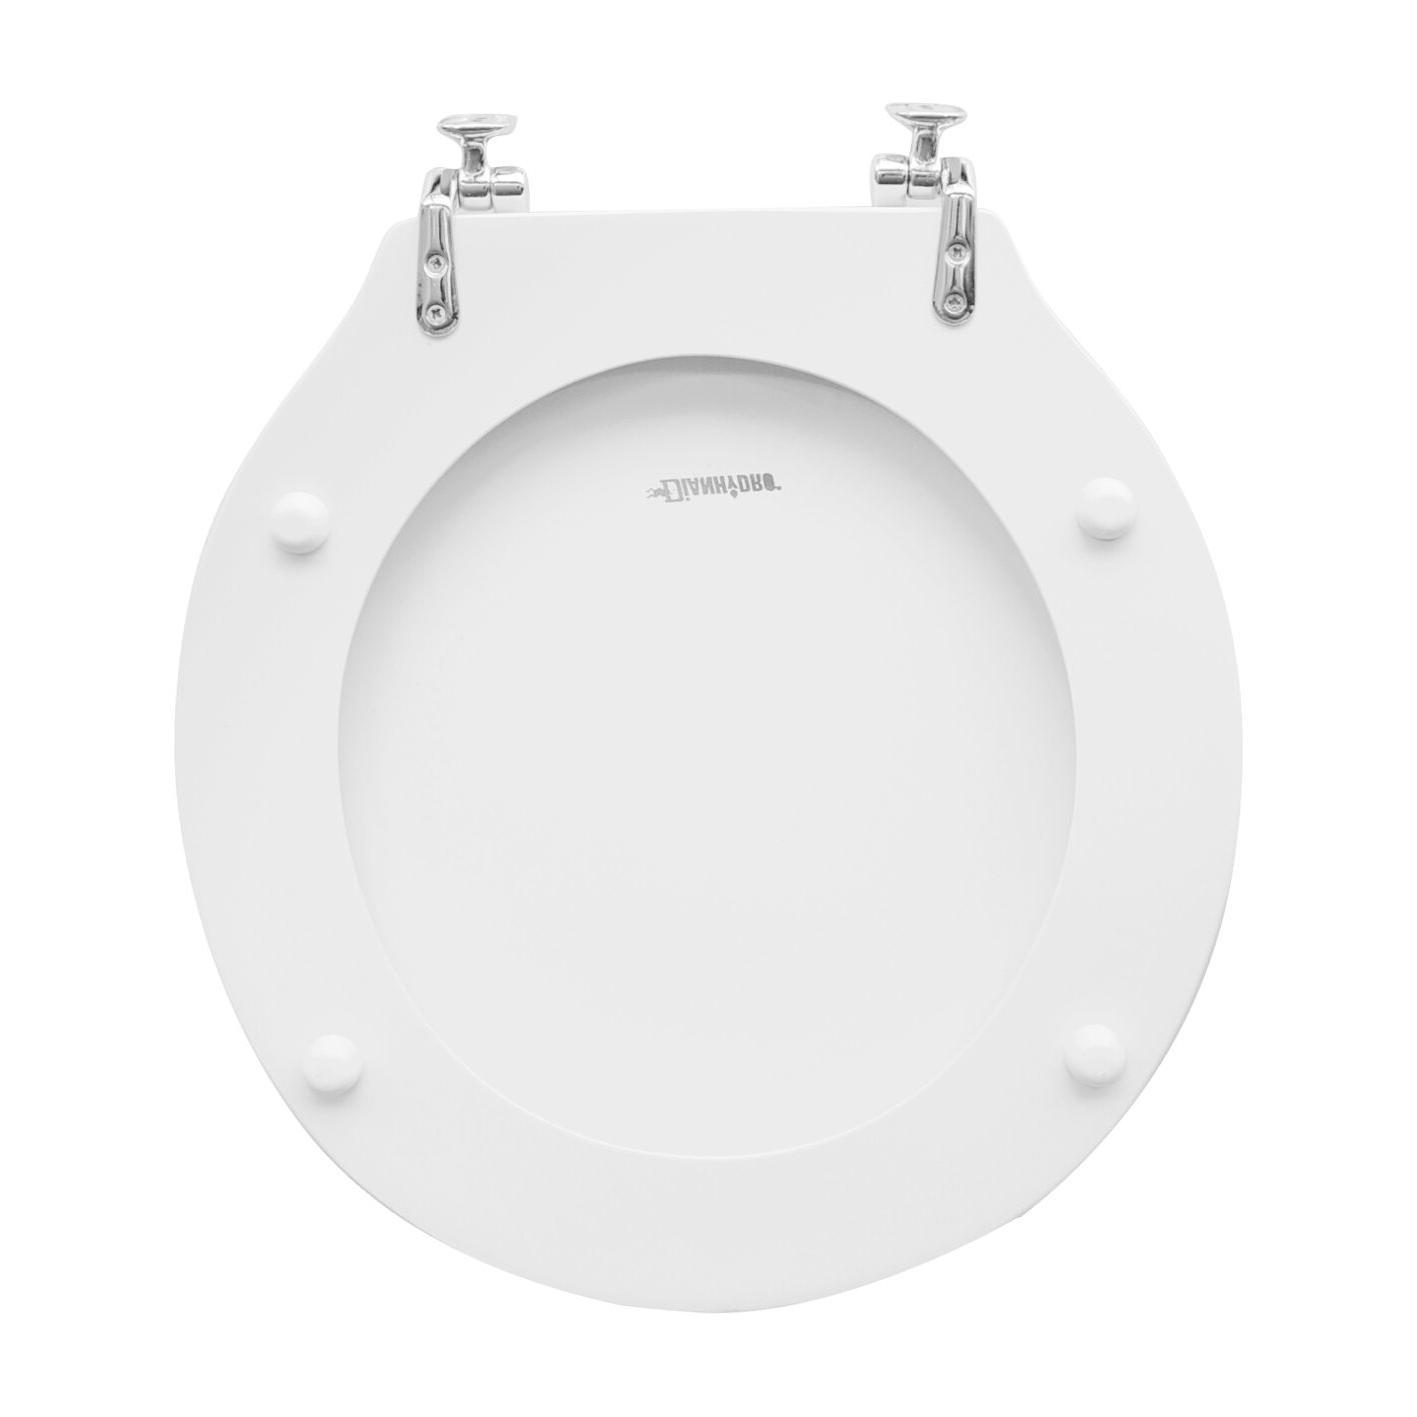 Toilet Seat Seat for Zen